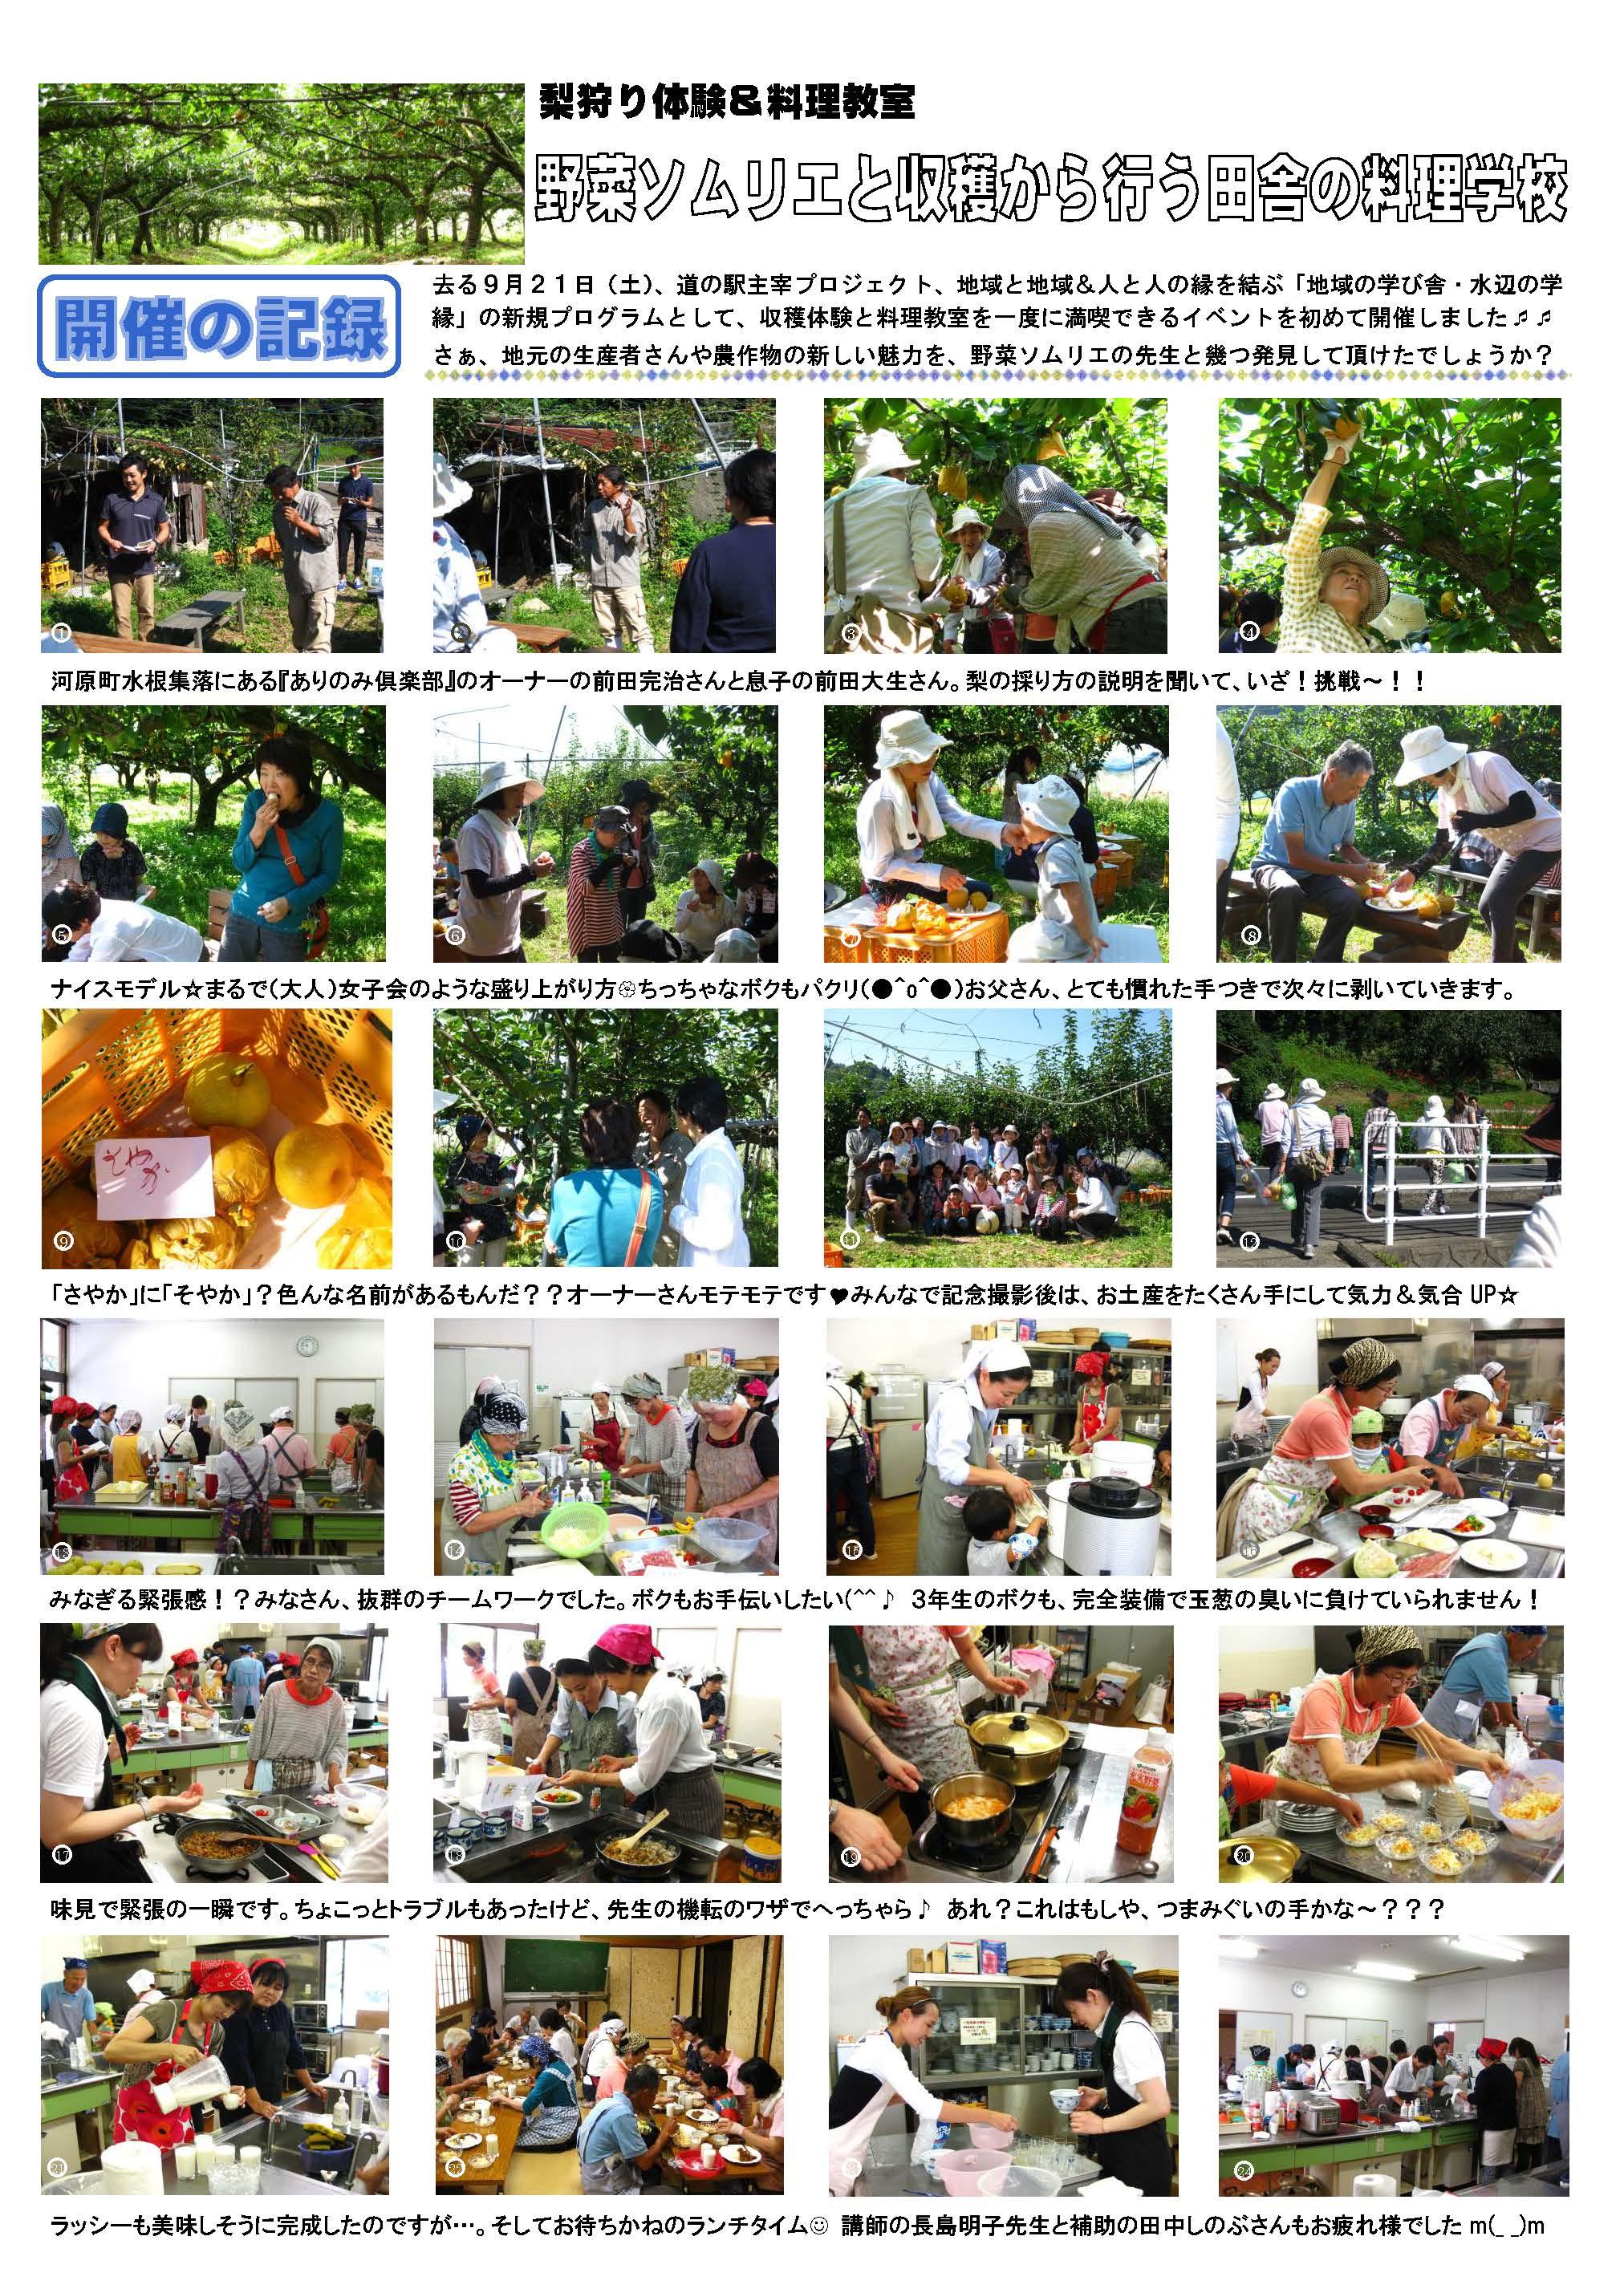 田舎の料理学校開催記録